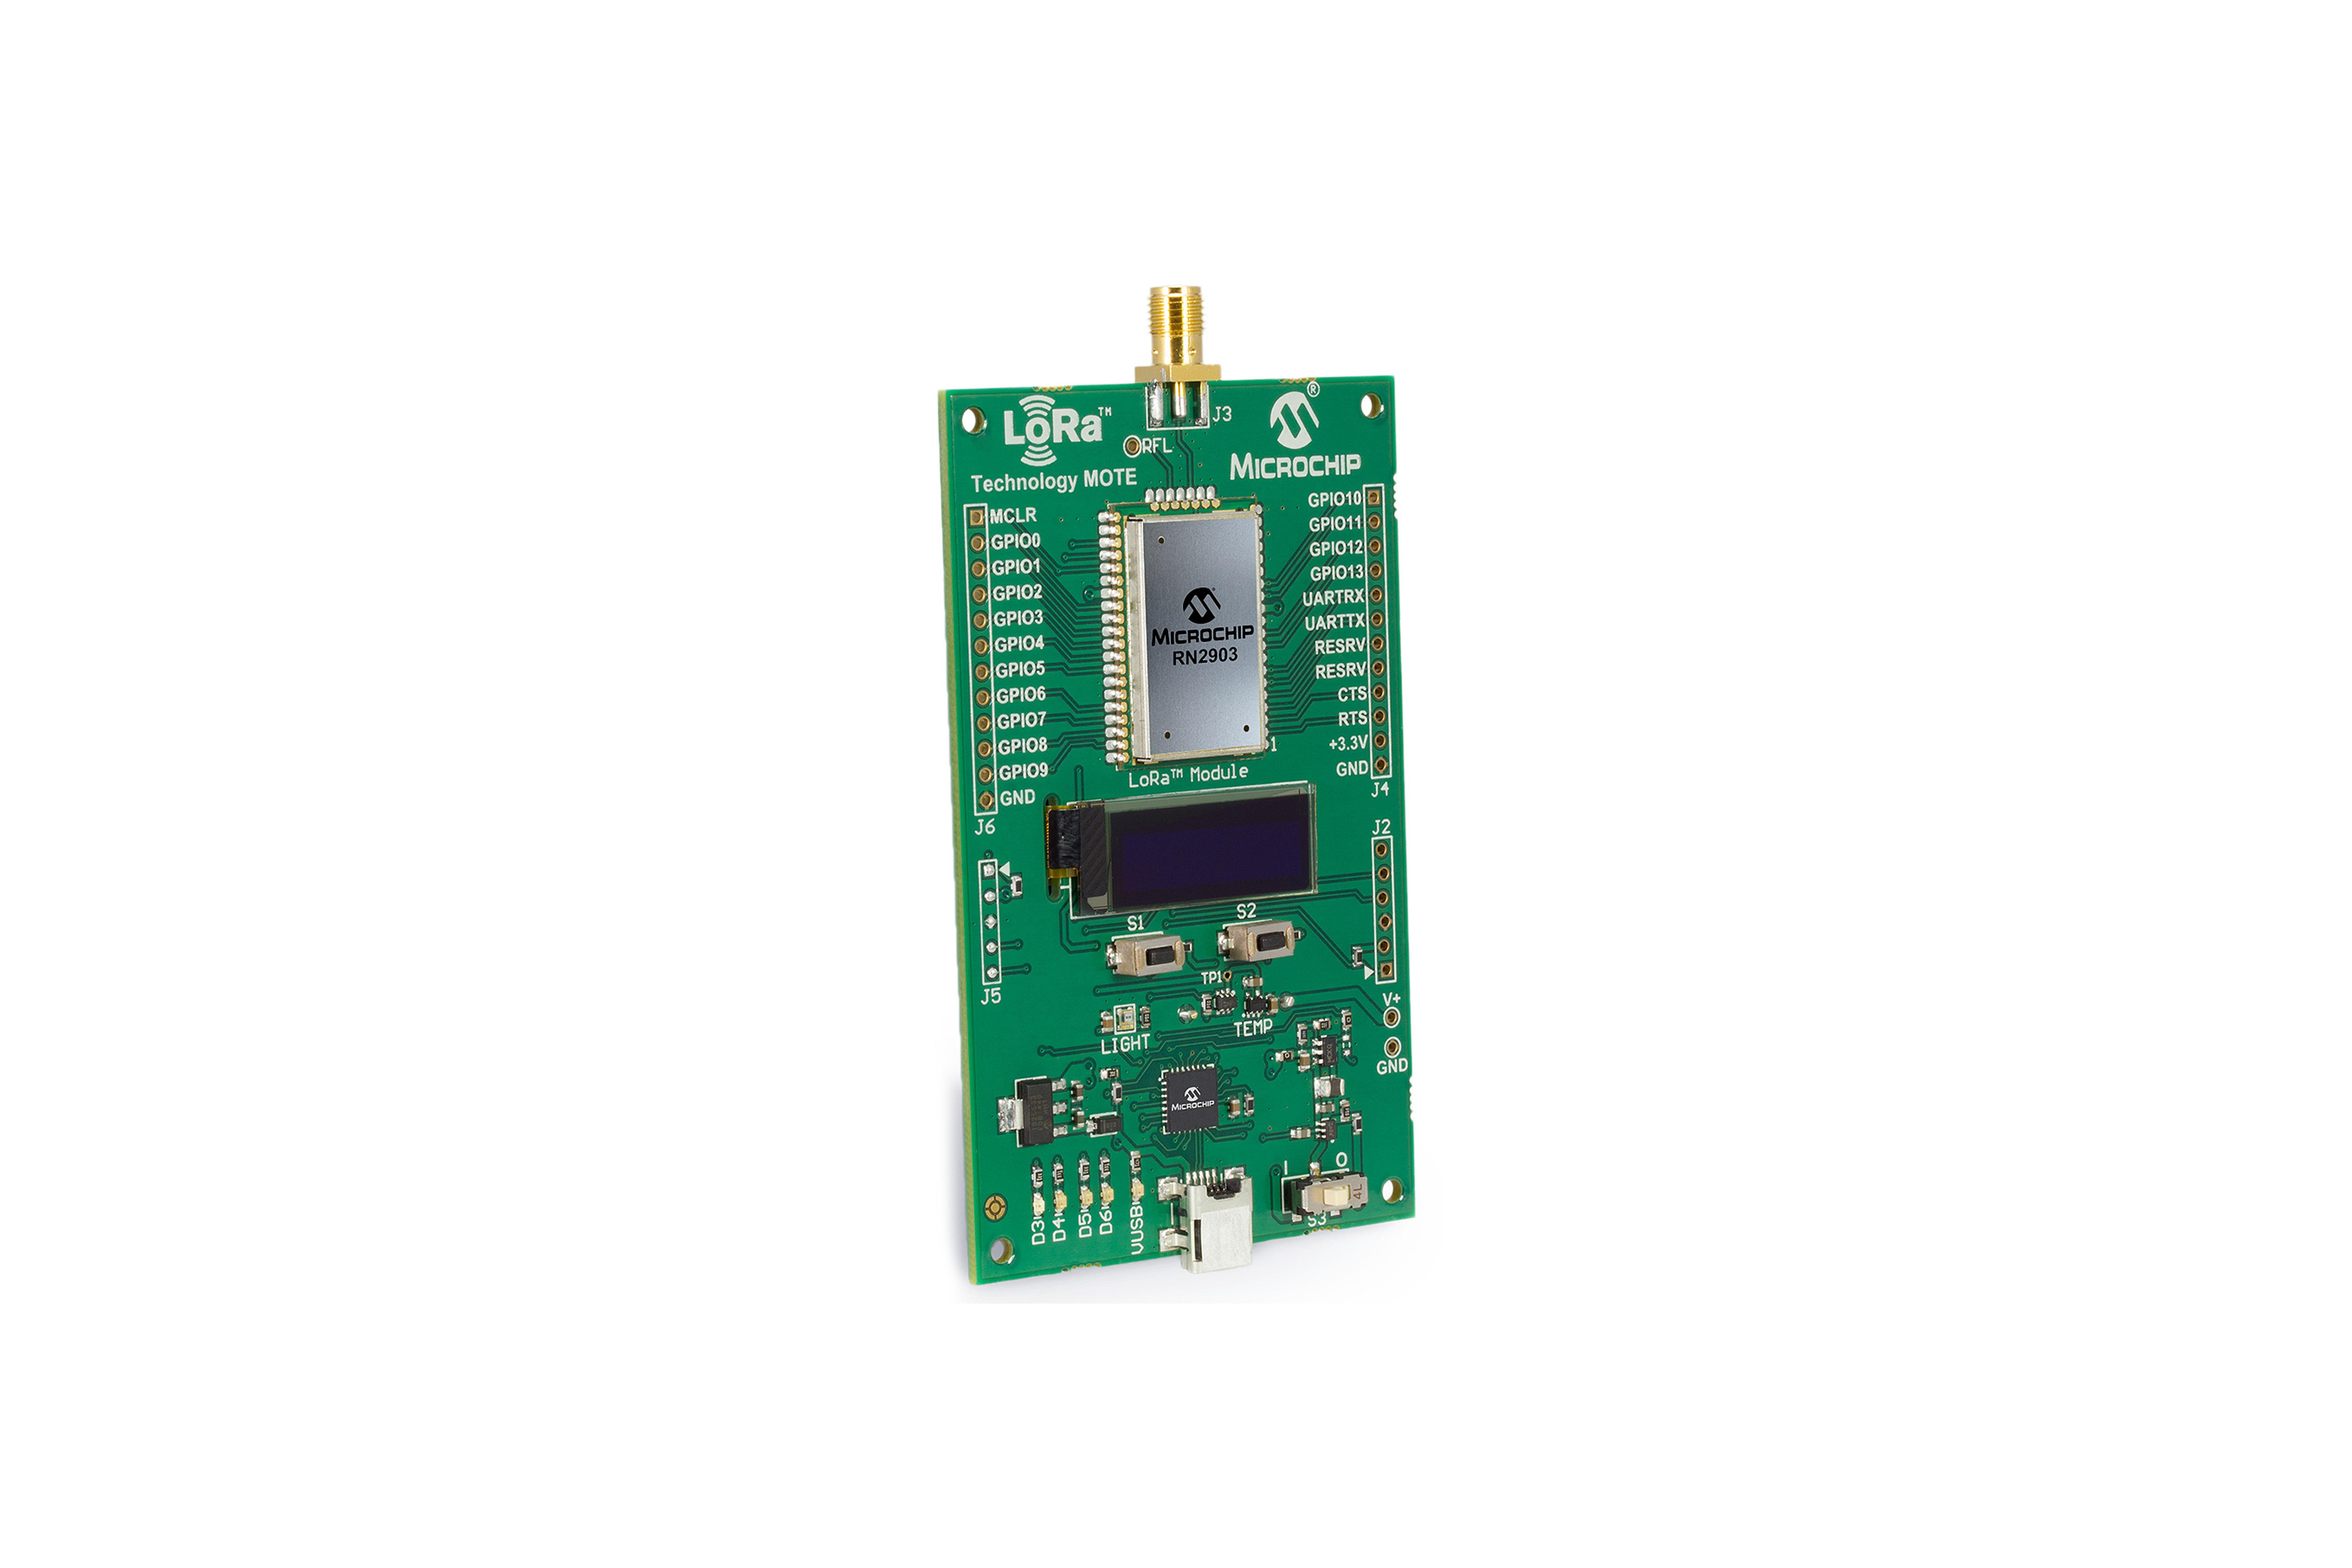 Nœud de développement RN2903LoRa Mote 915 MHz